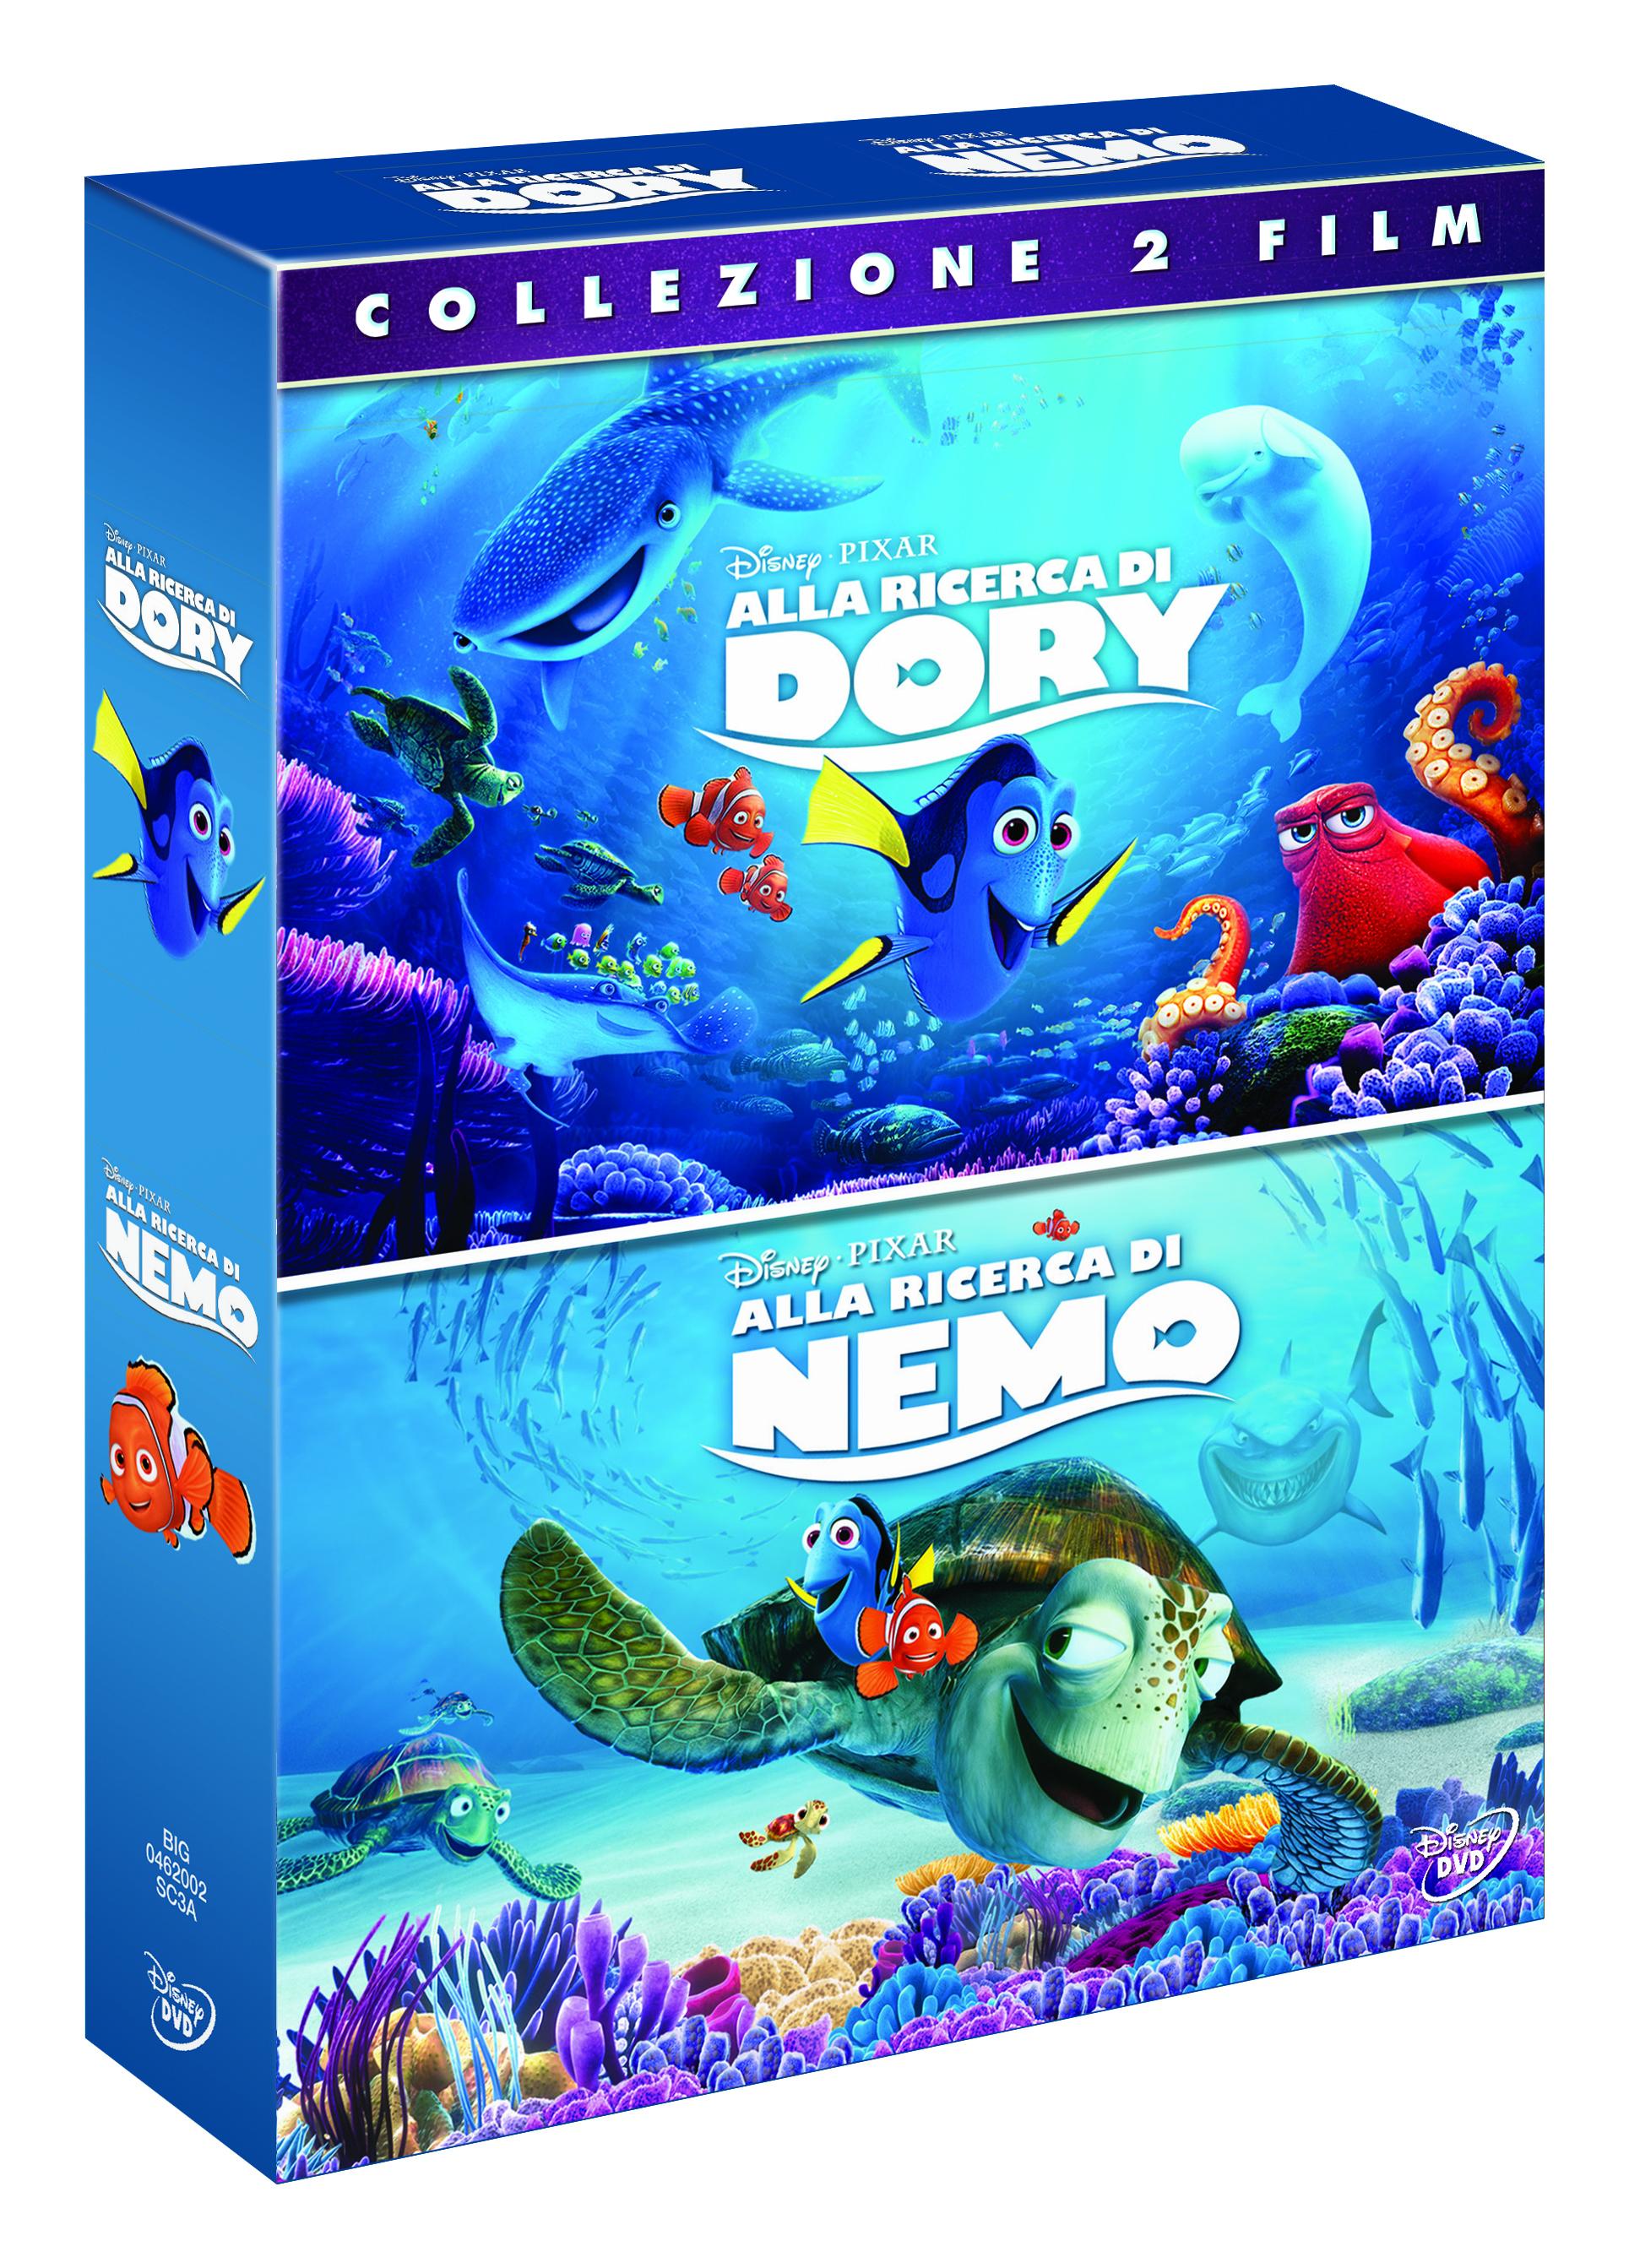 alla ricerca di dory disponibile in blu ray e dvd a